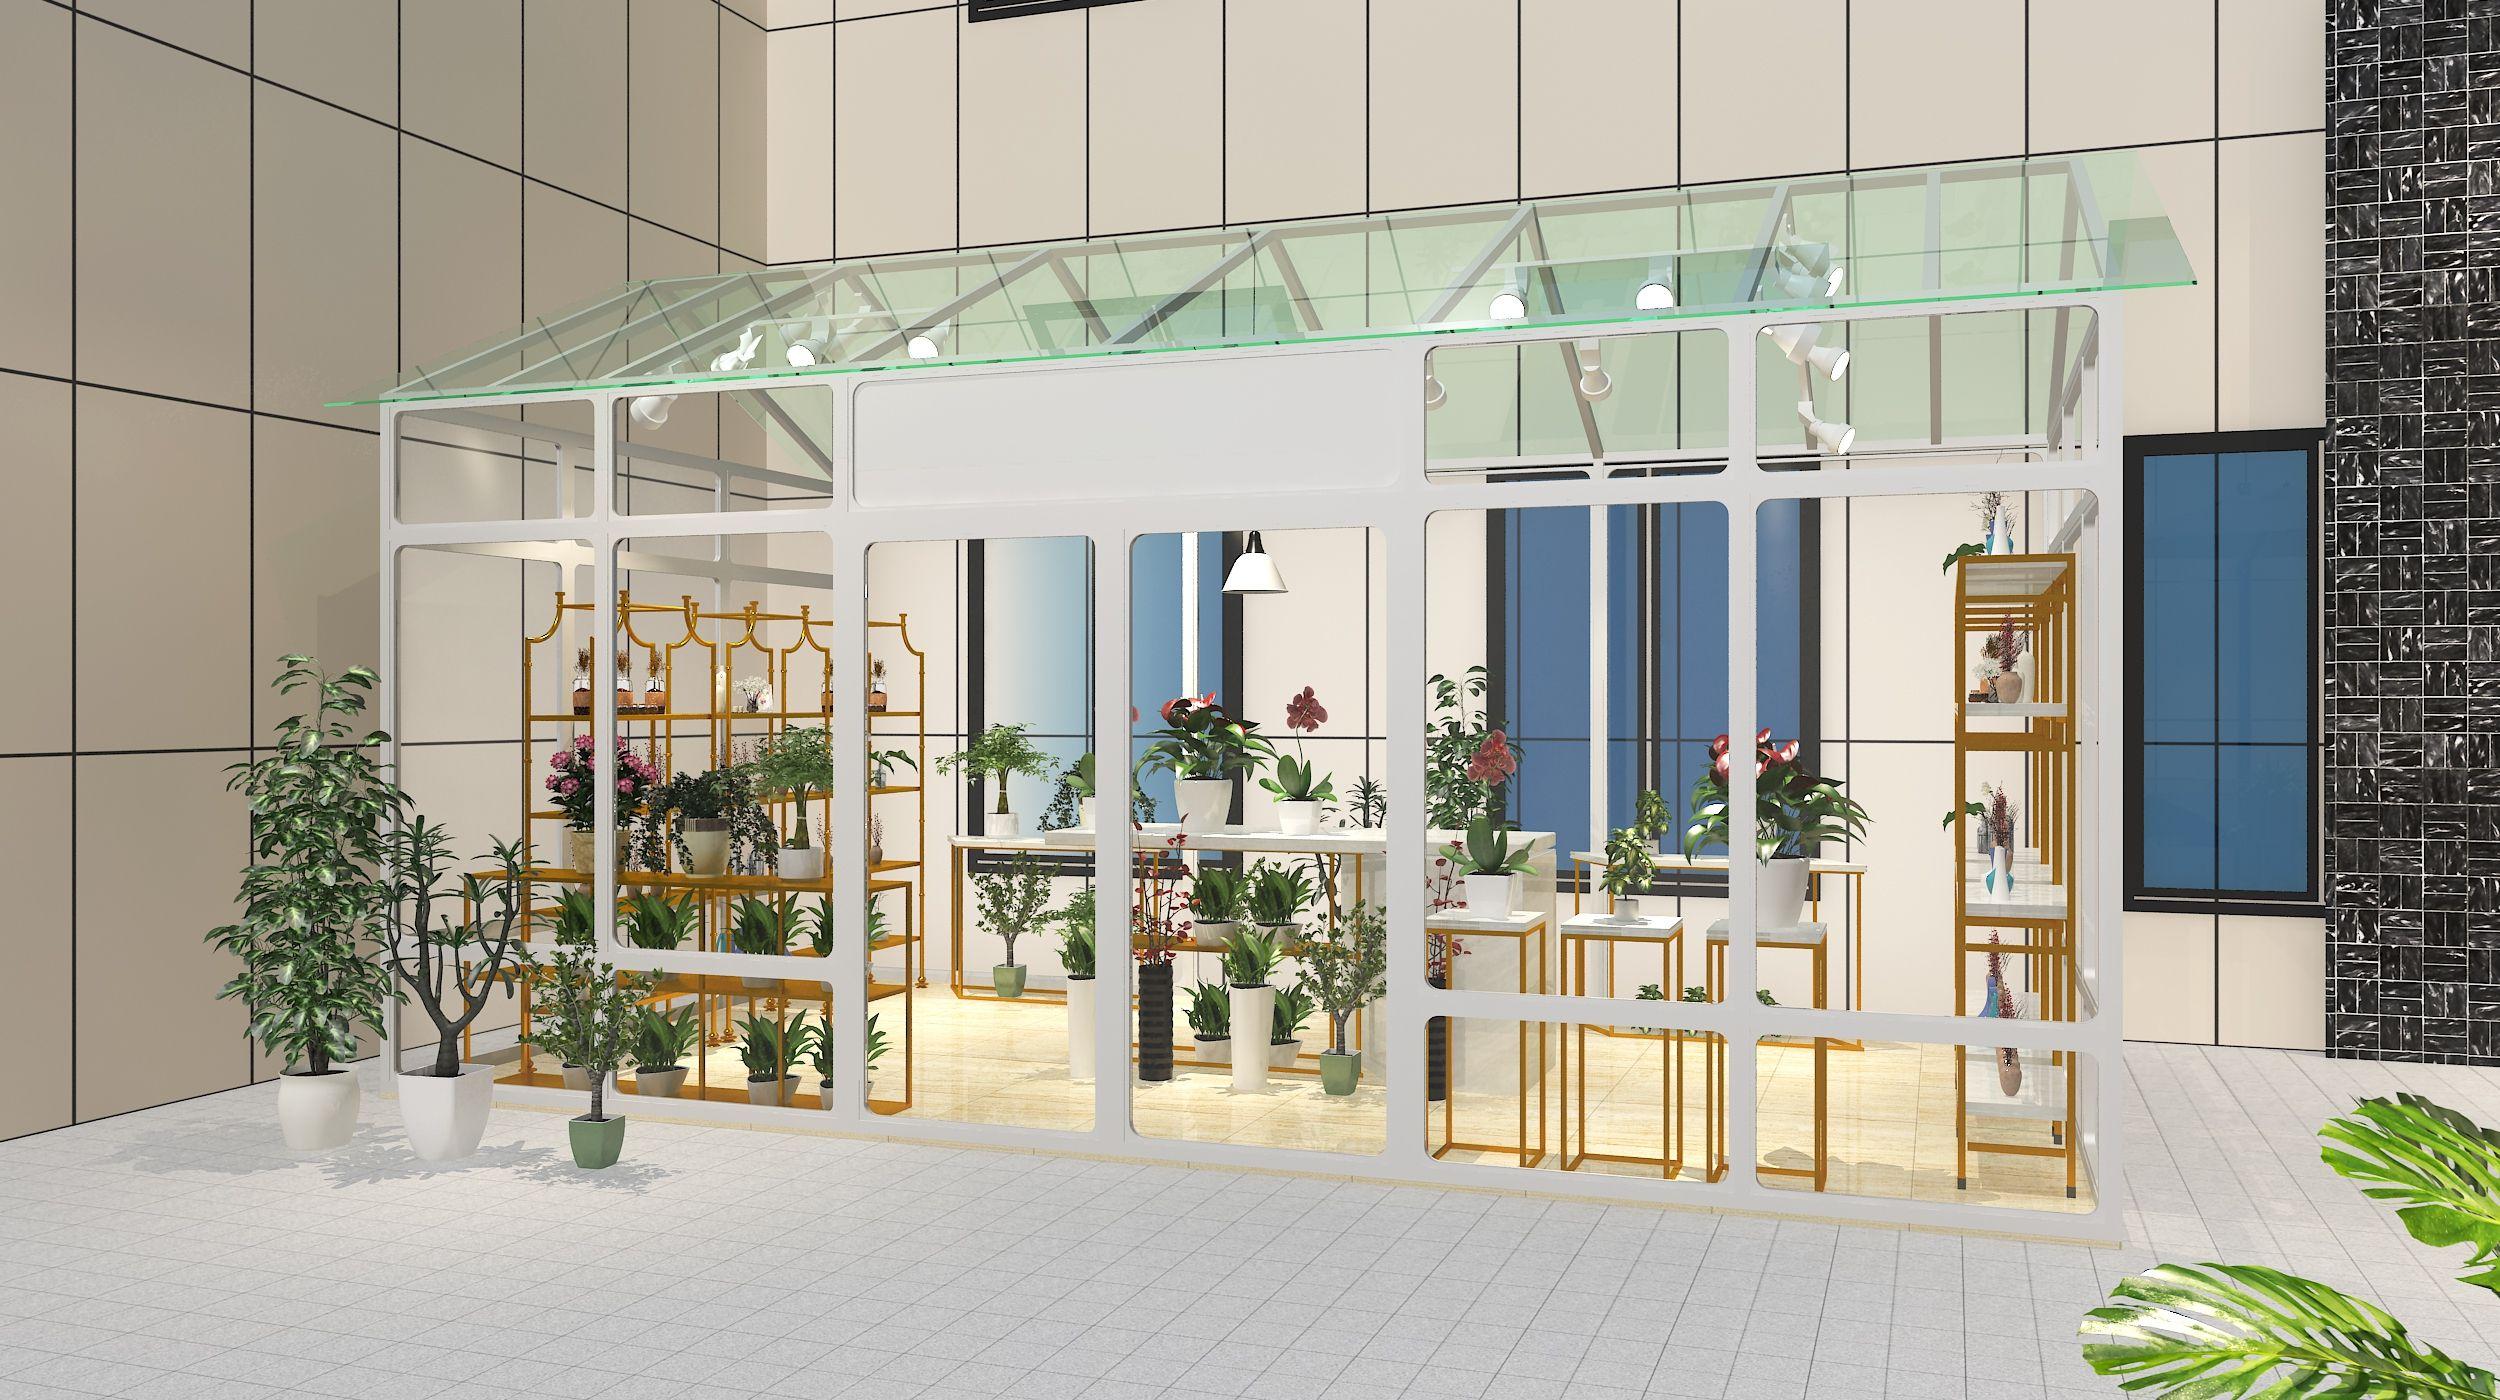 商城店铺室内工装效果图设计 飞特网 商品陈列设计